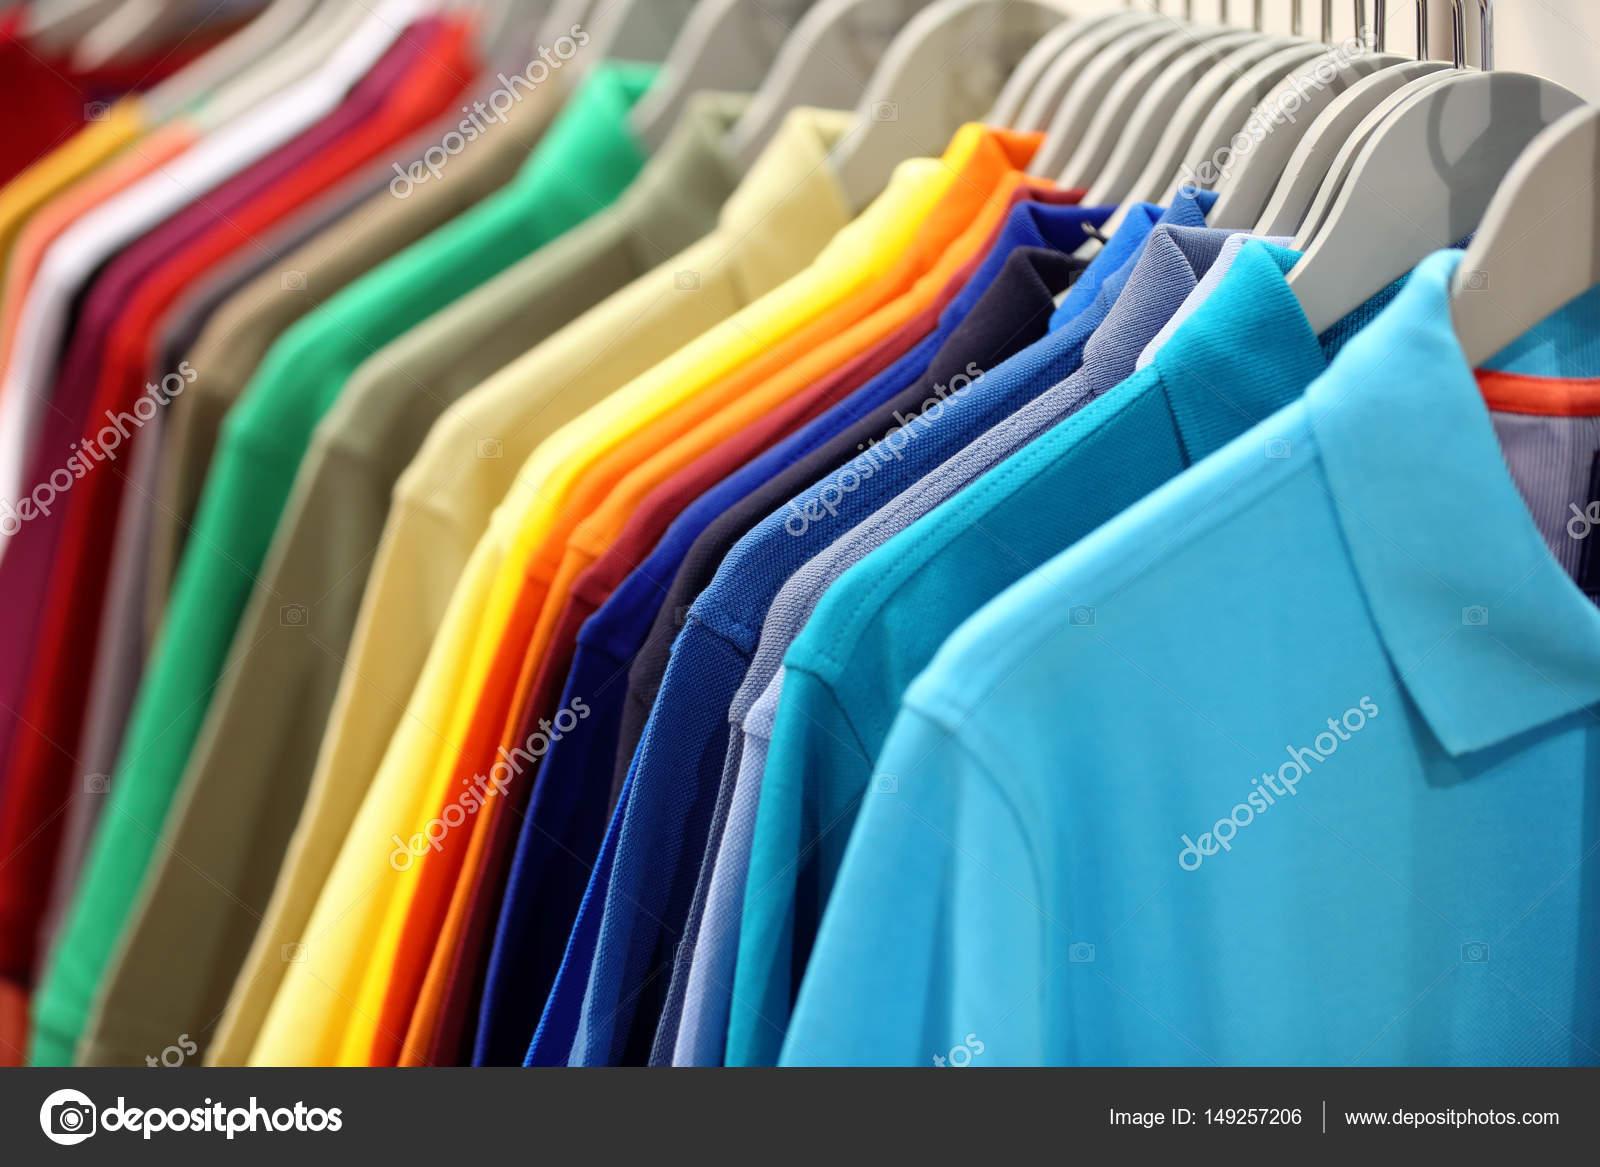 d2899d7c93 Linha de camisas de polo masculinas no guarda-roupa ou loja ...